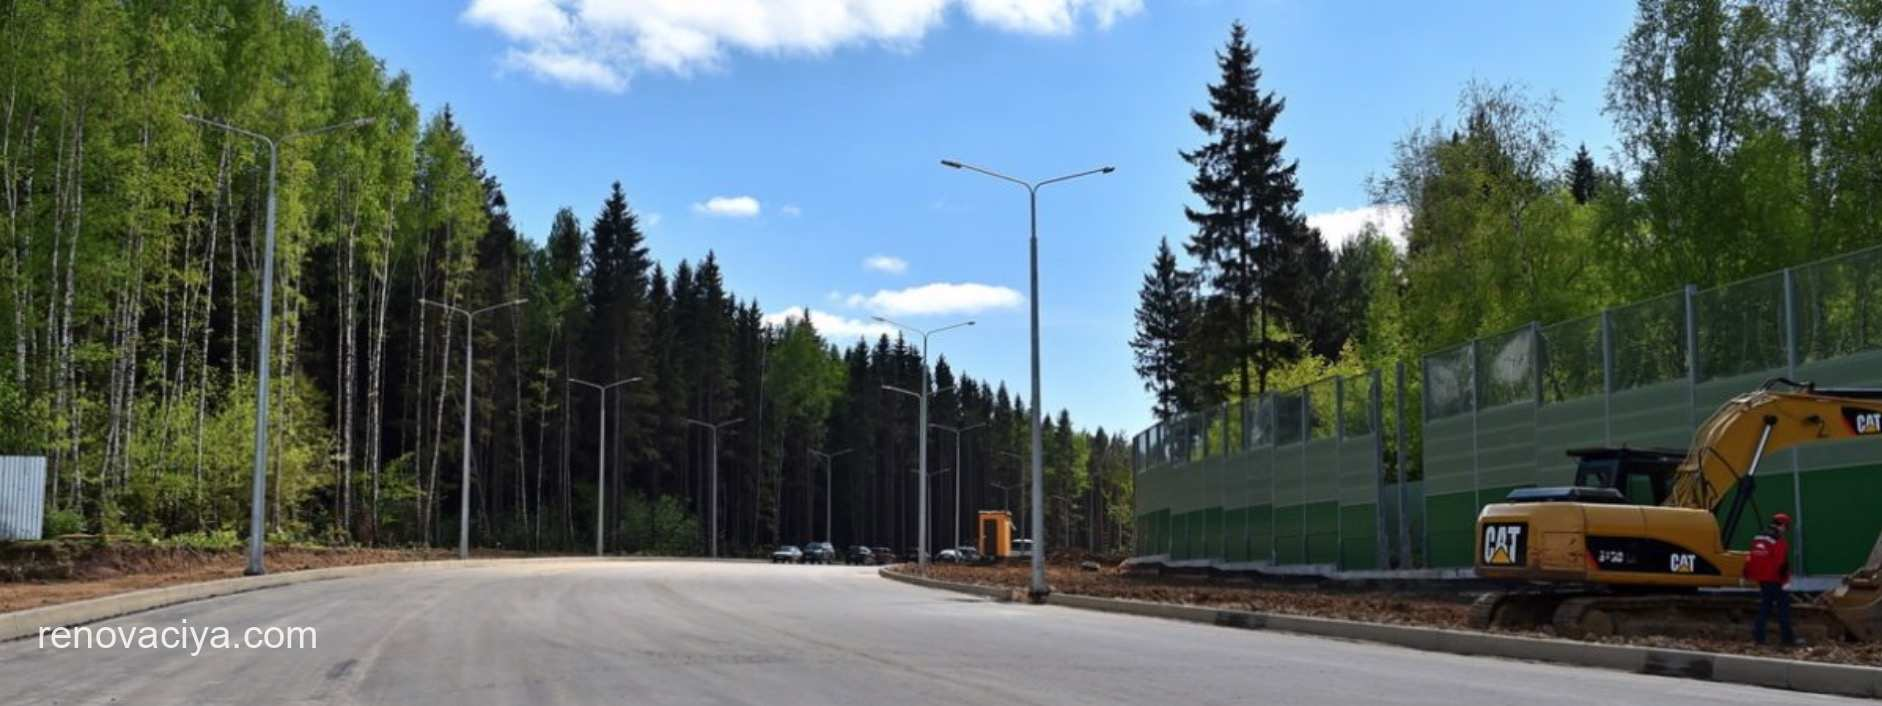 Развитие улично-дорожной сети поселения Мосрентген